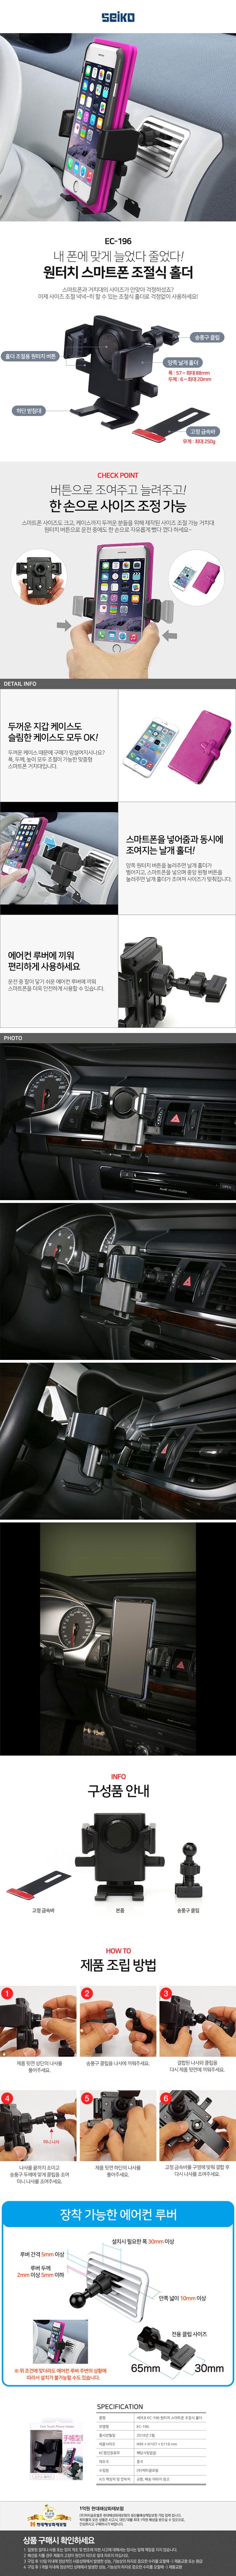 세이코 EC-196 원터치 차량용 송풍구형 핸드폰거치대